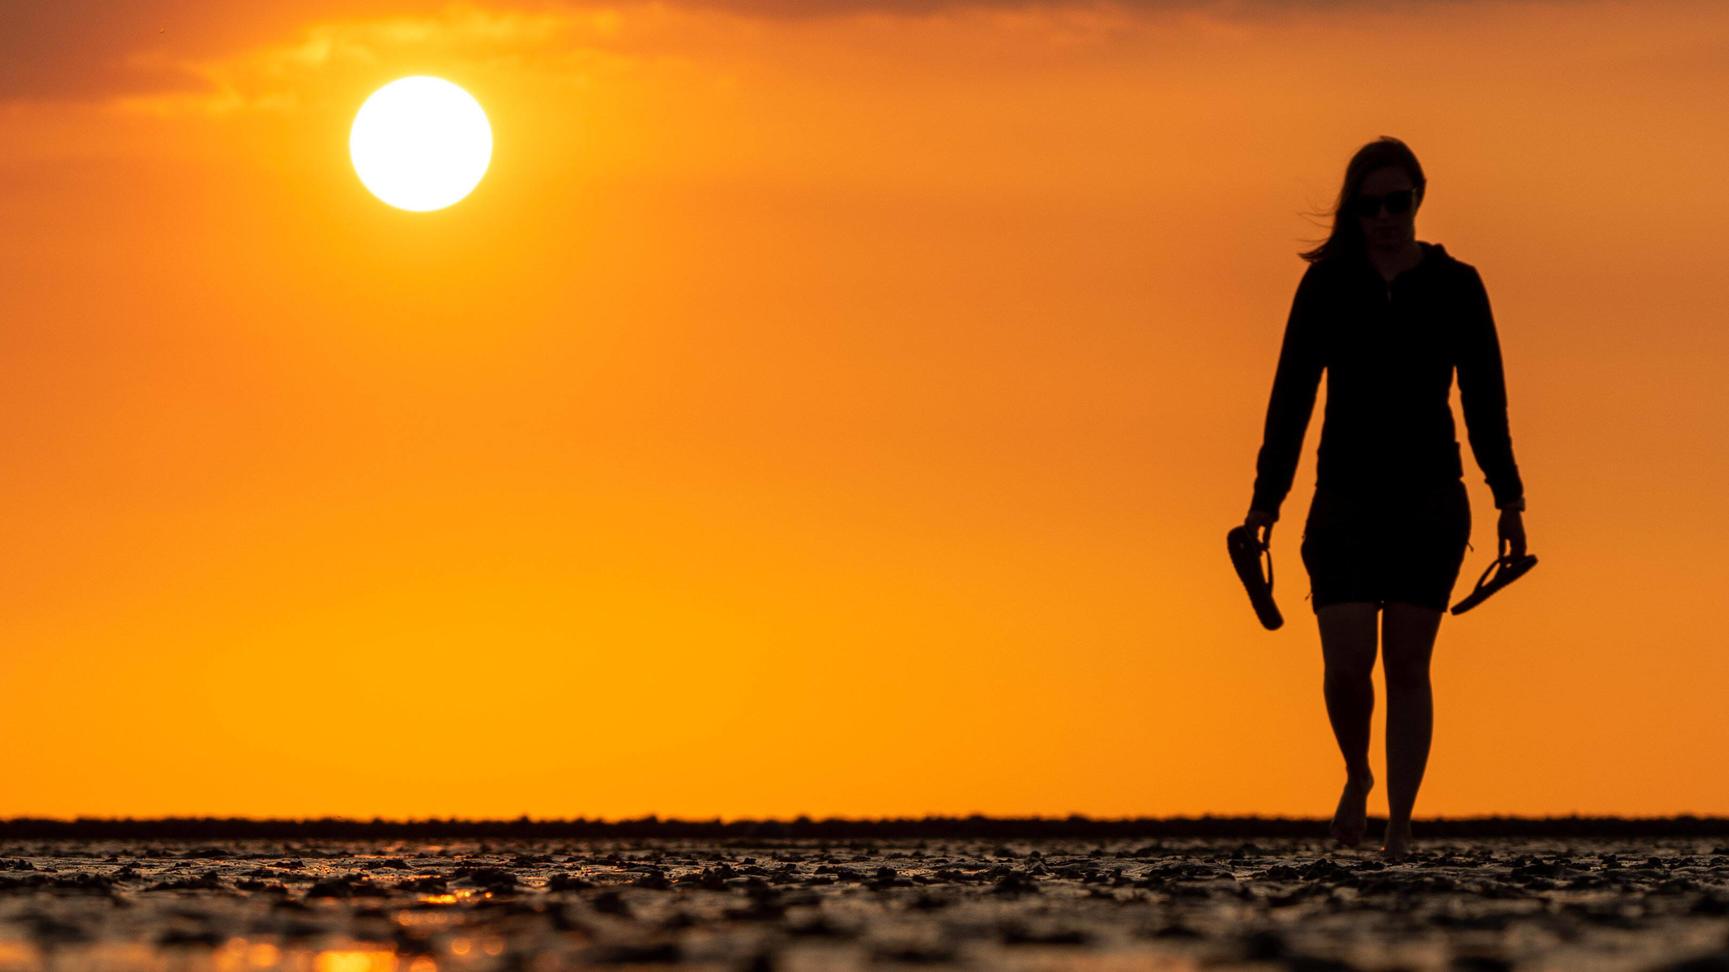 Urlaubsrekord in Schleswig-Holstein: 5 Millionen Buchungen an einem bestimmten Ort